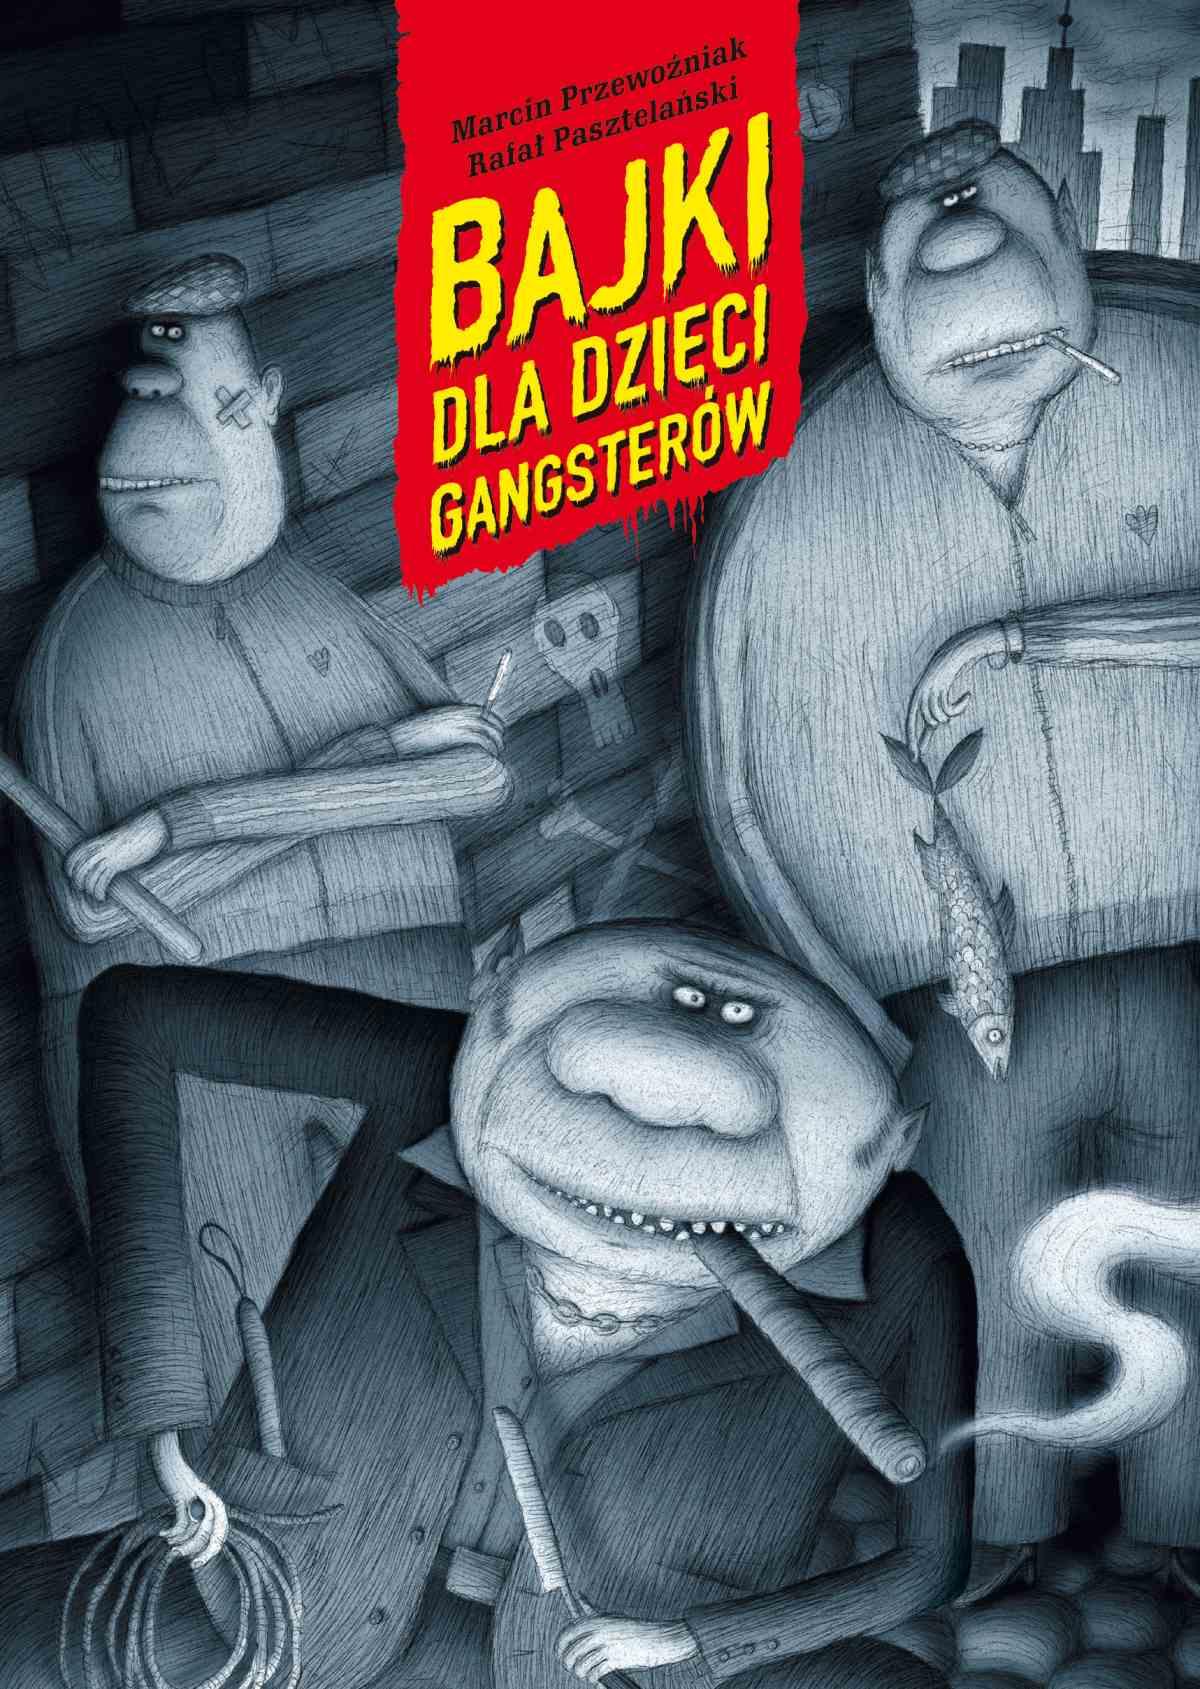 Bajki dla dzieci gangsterów - Ebook (Książka EPUB) do pobrania w formacie EPUB